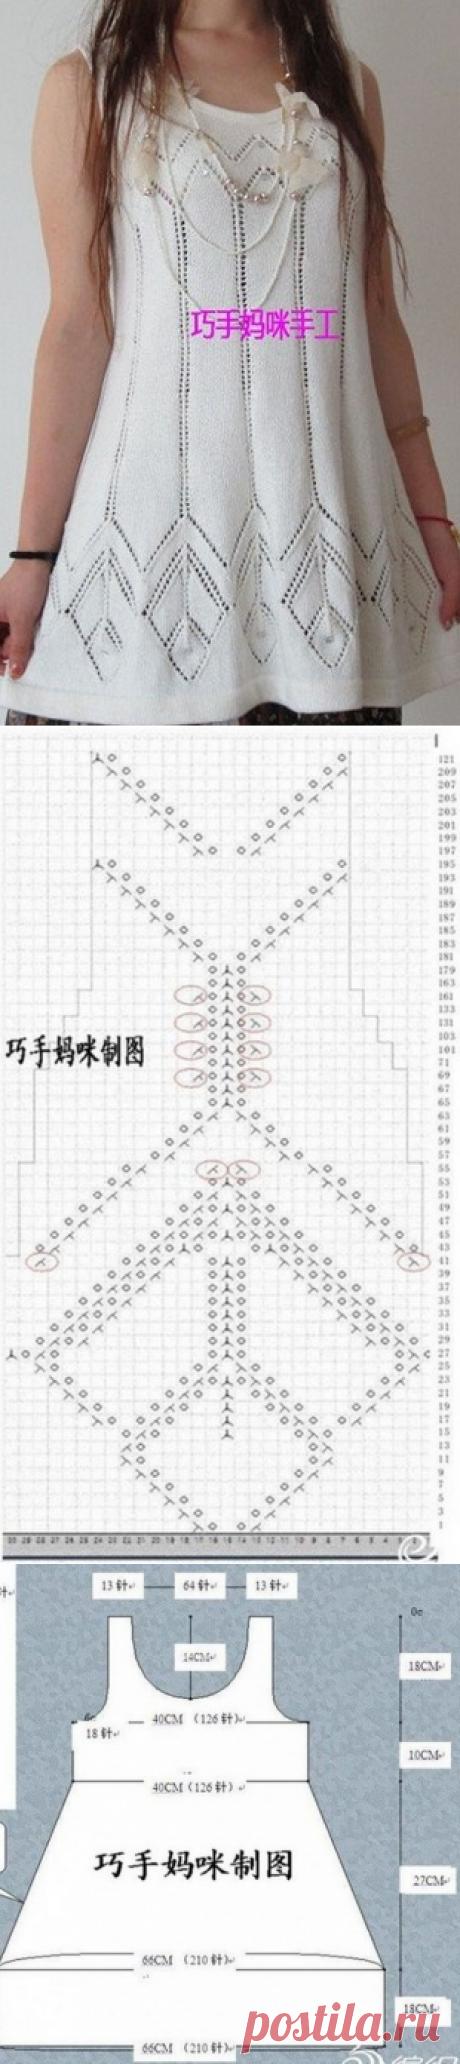 Схема вязания туники спицами для женщин